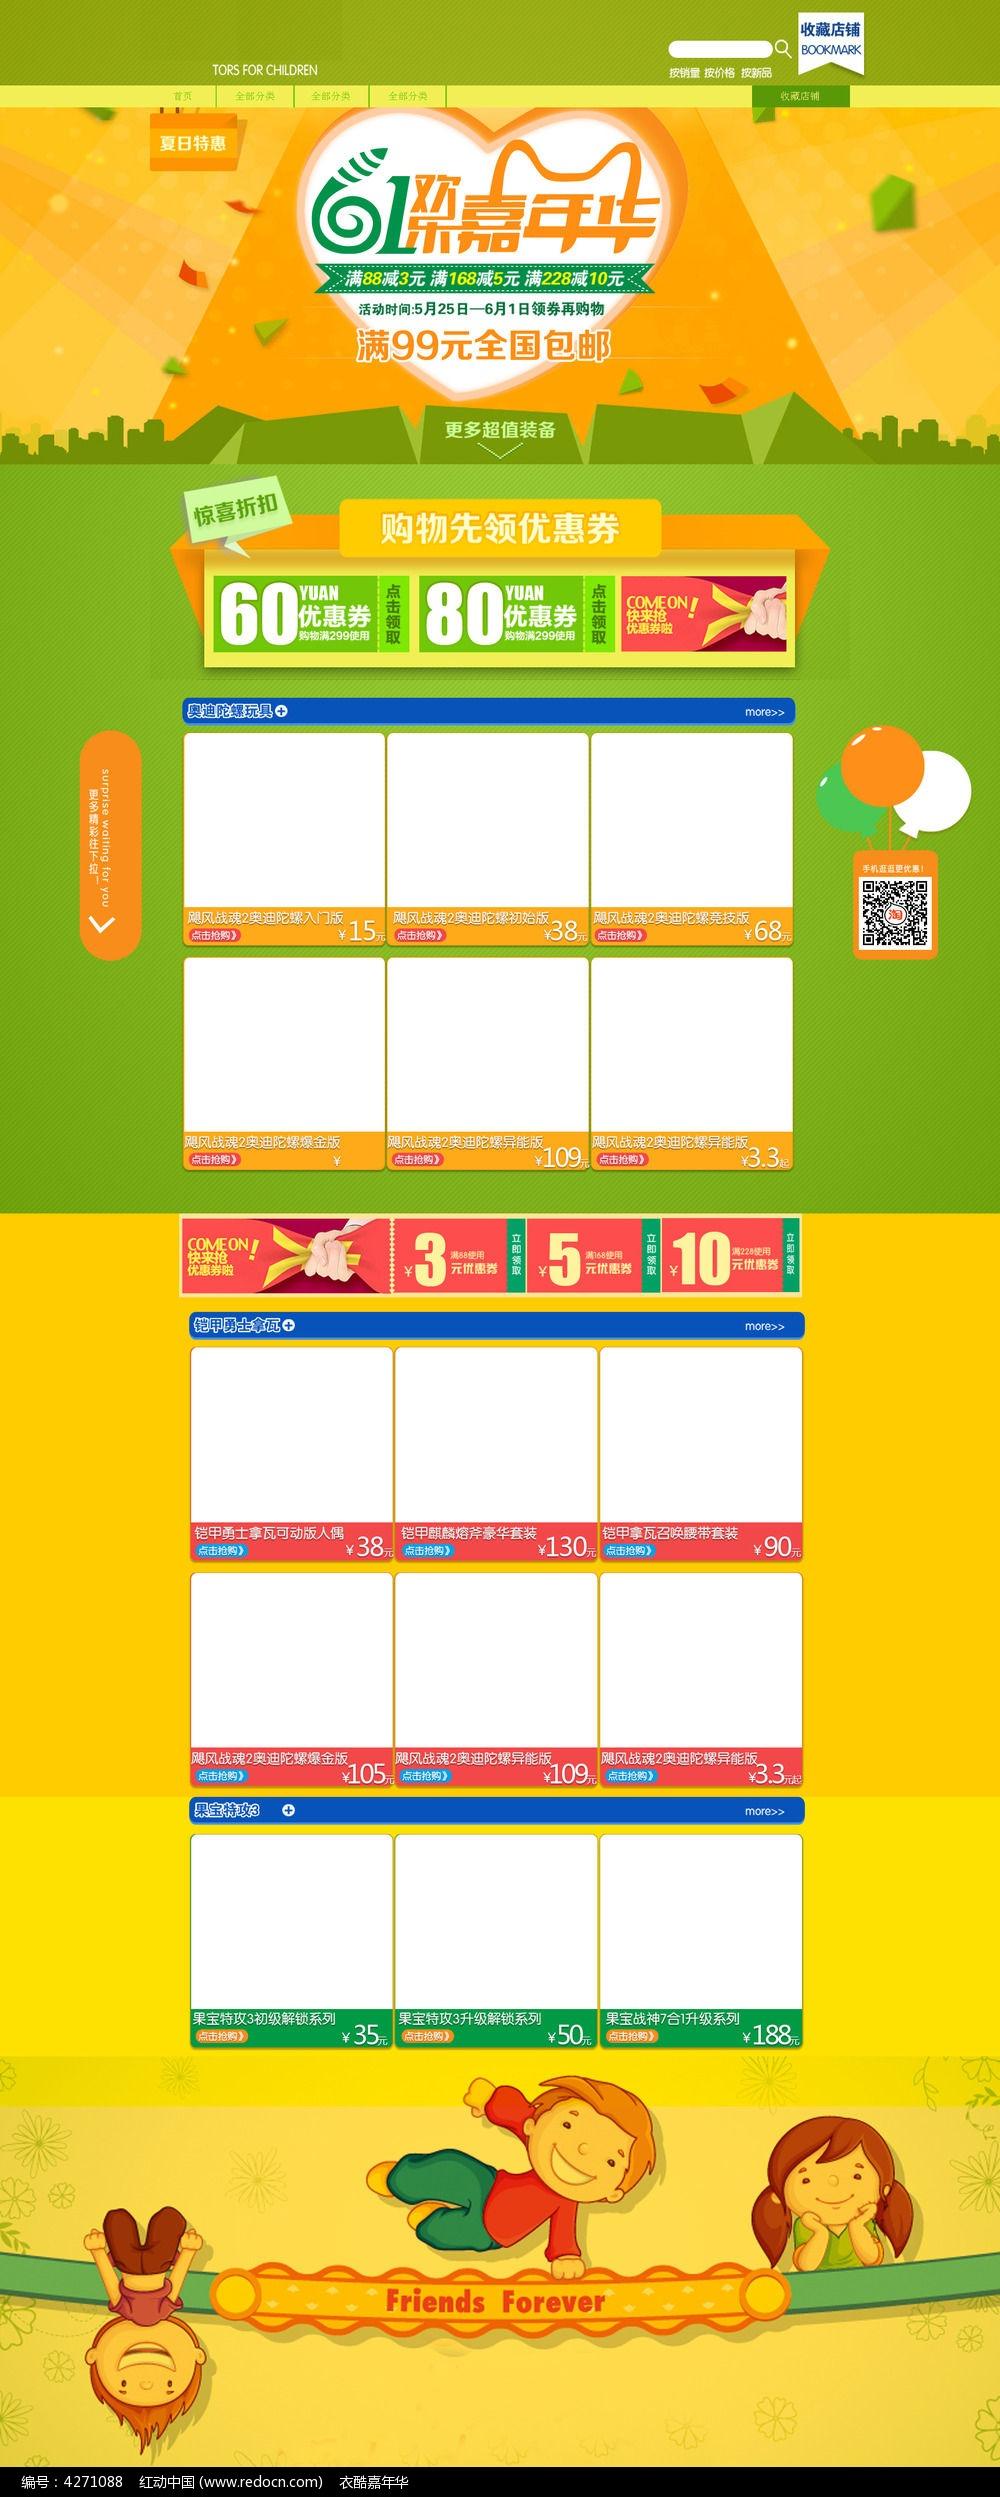 淘宝天猫61嘉年华儿童节首页模板图片